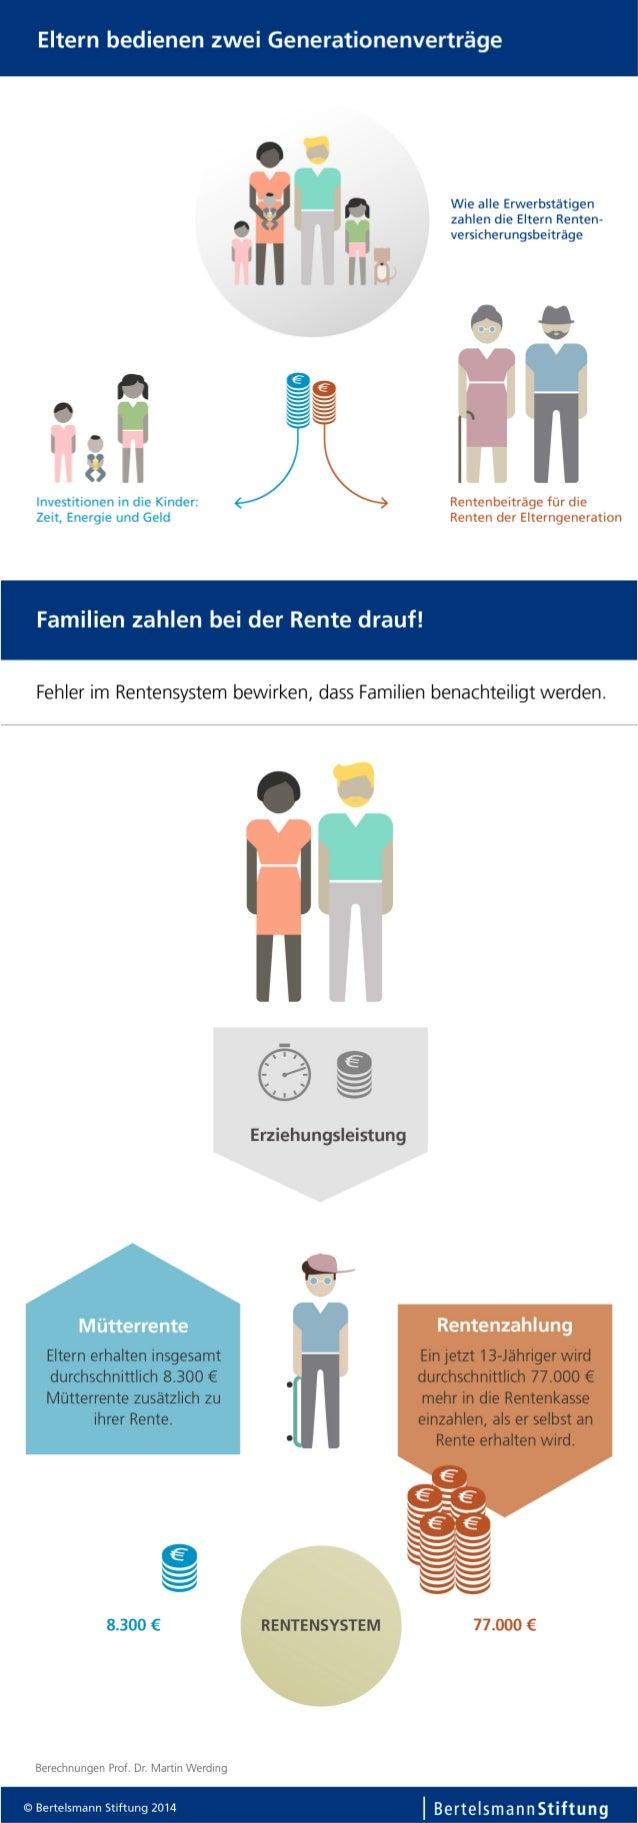 Infografik: Familien in Rentenversicherung benachteiligt